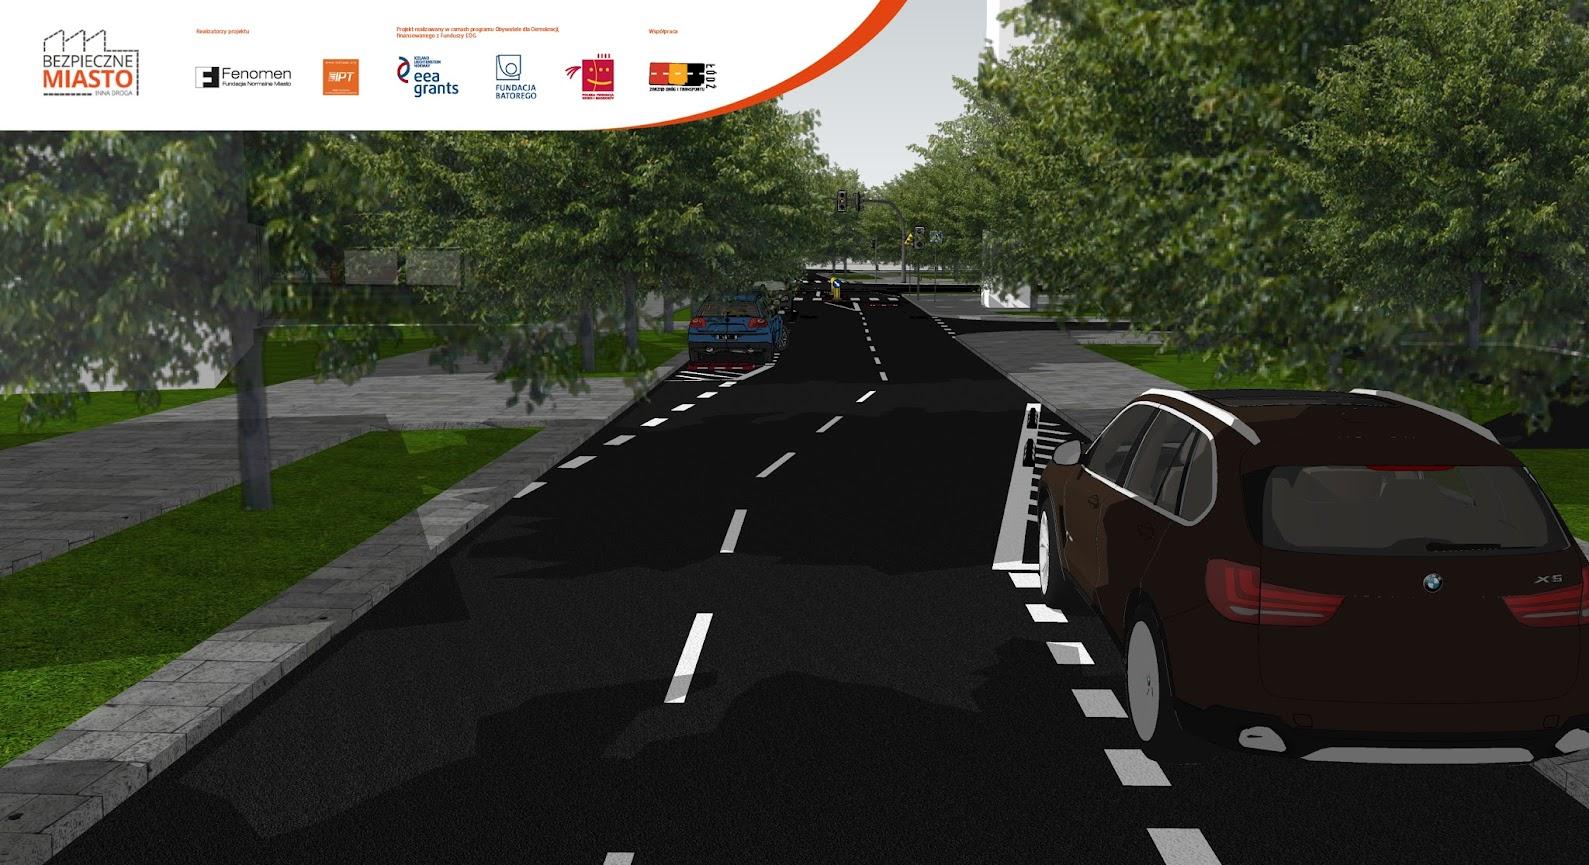 Zakrzywienie toru jazdy sprzyja spokojnej i bezpiecznej jeździe.